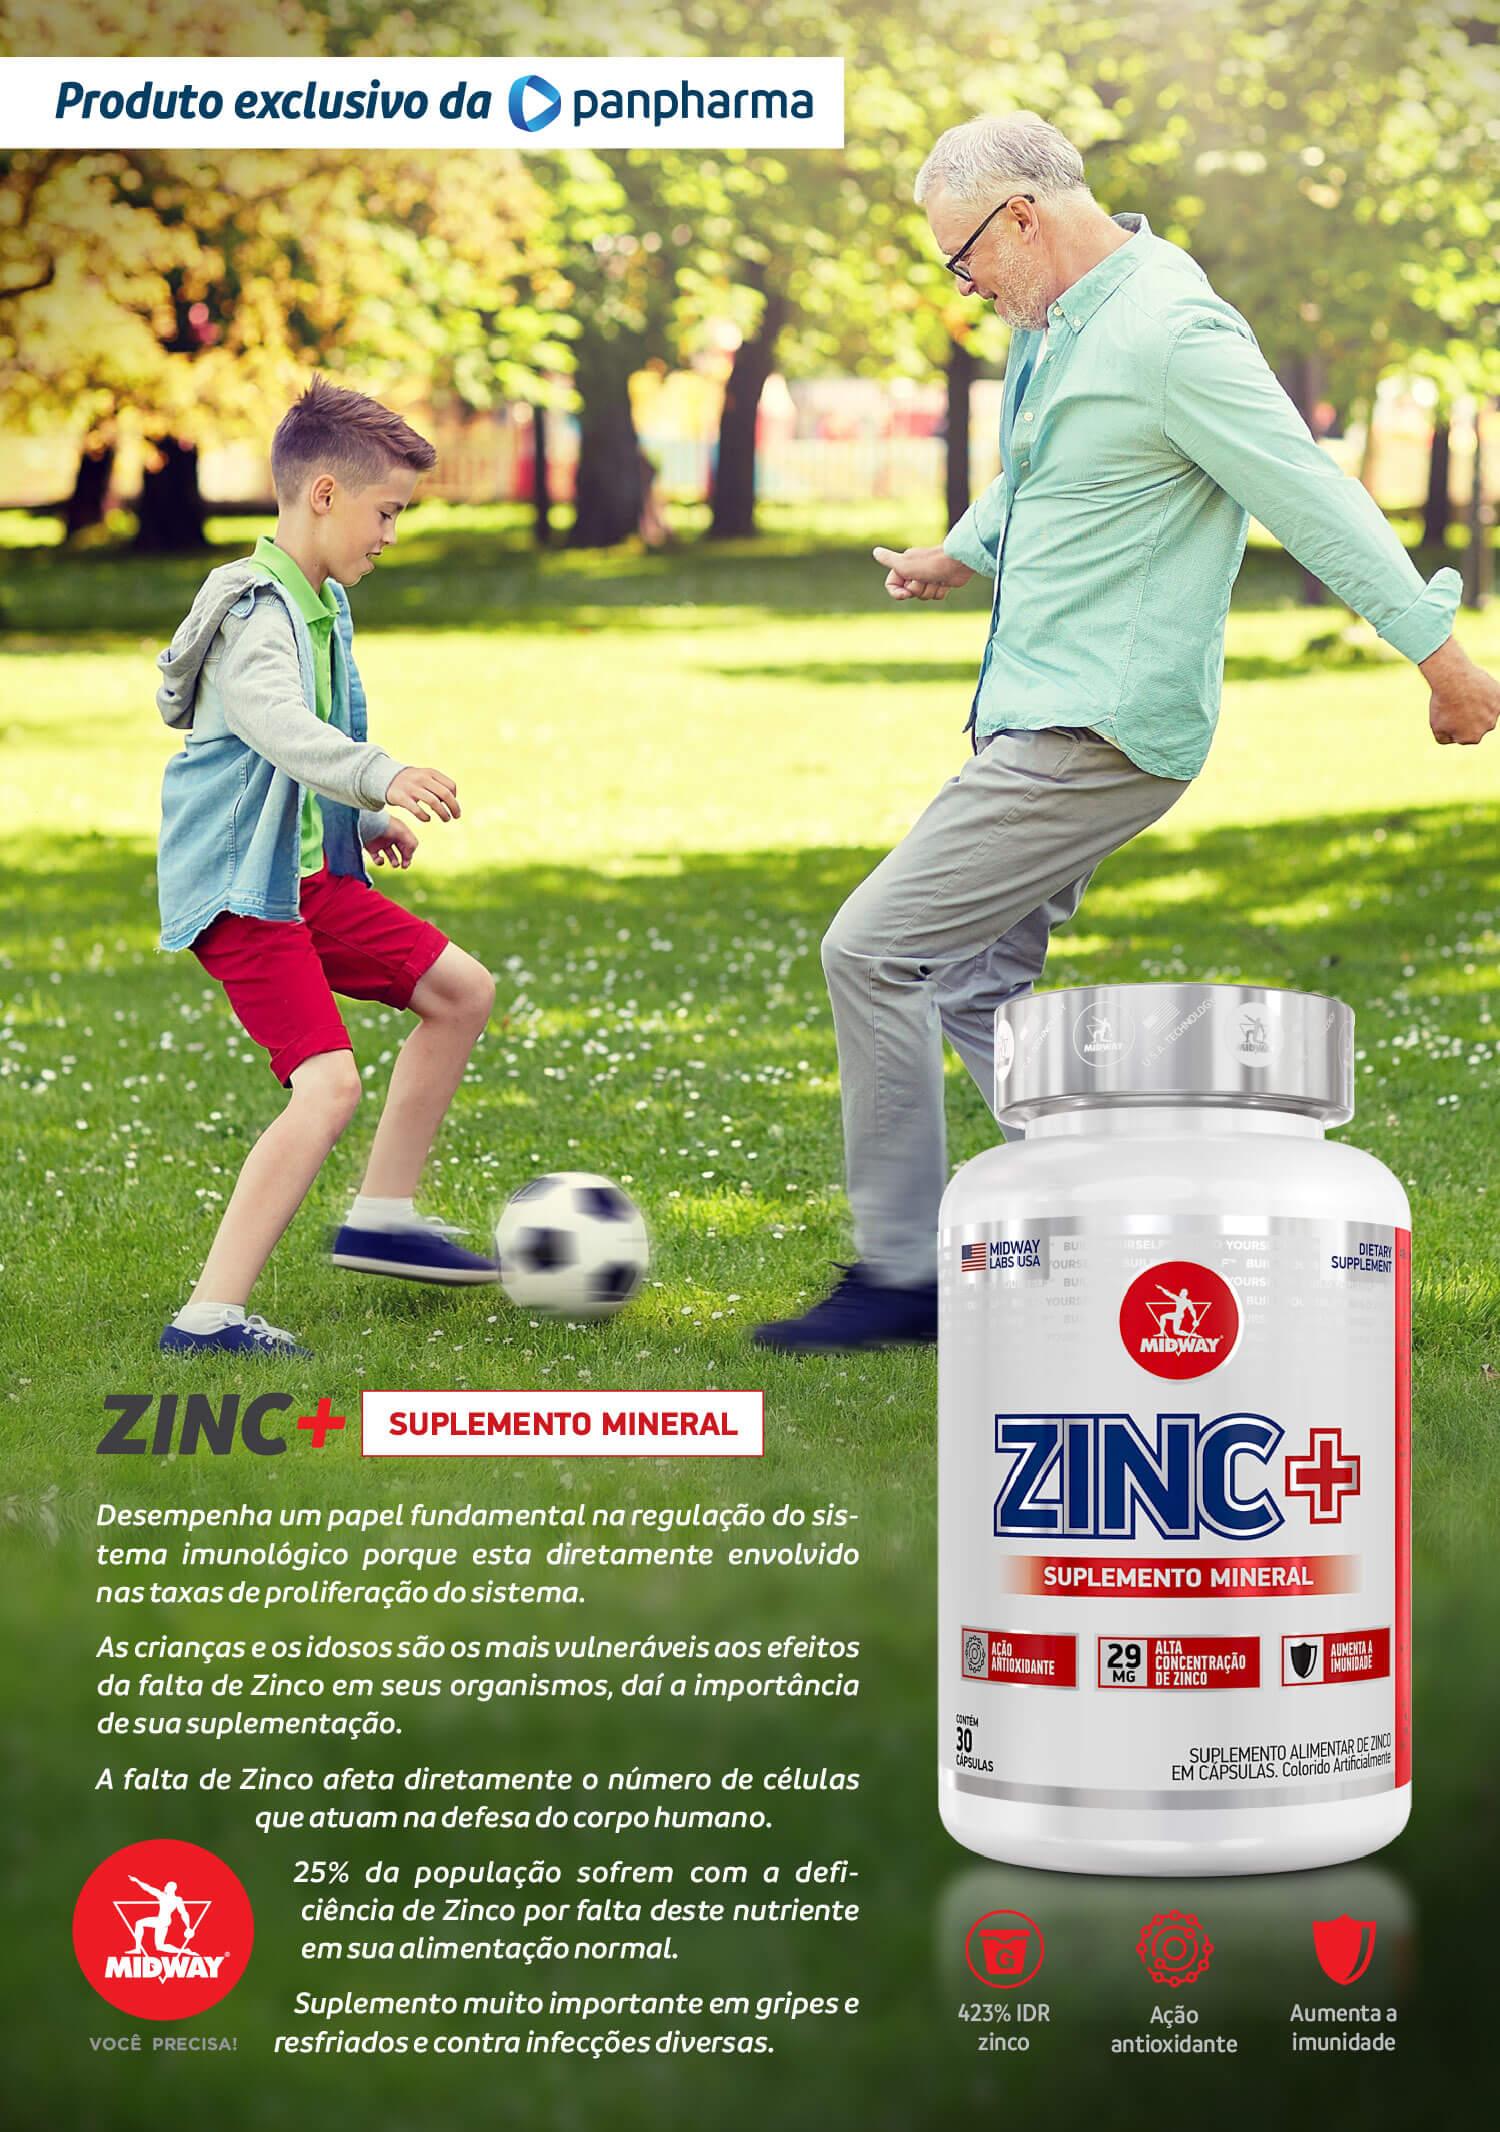 Zinc+